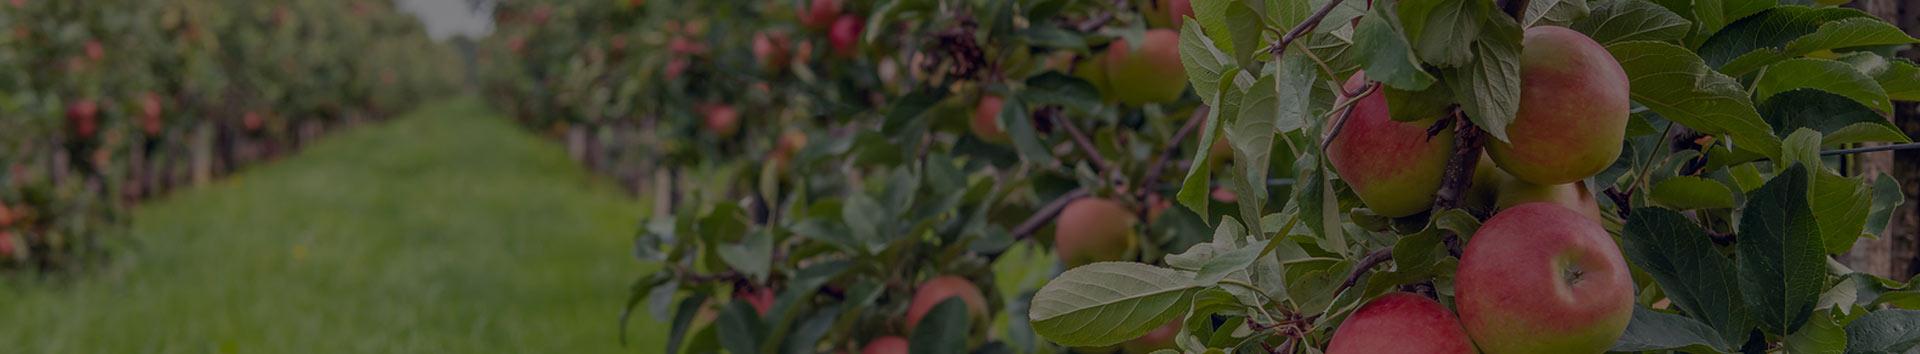 stare sorte voća